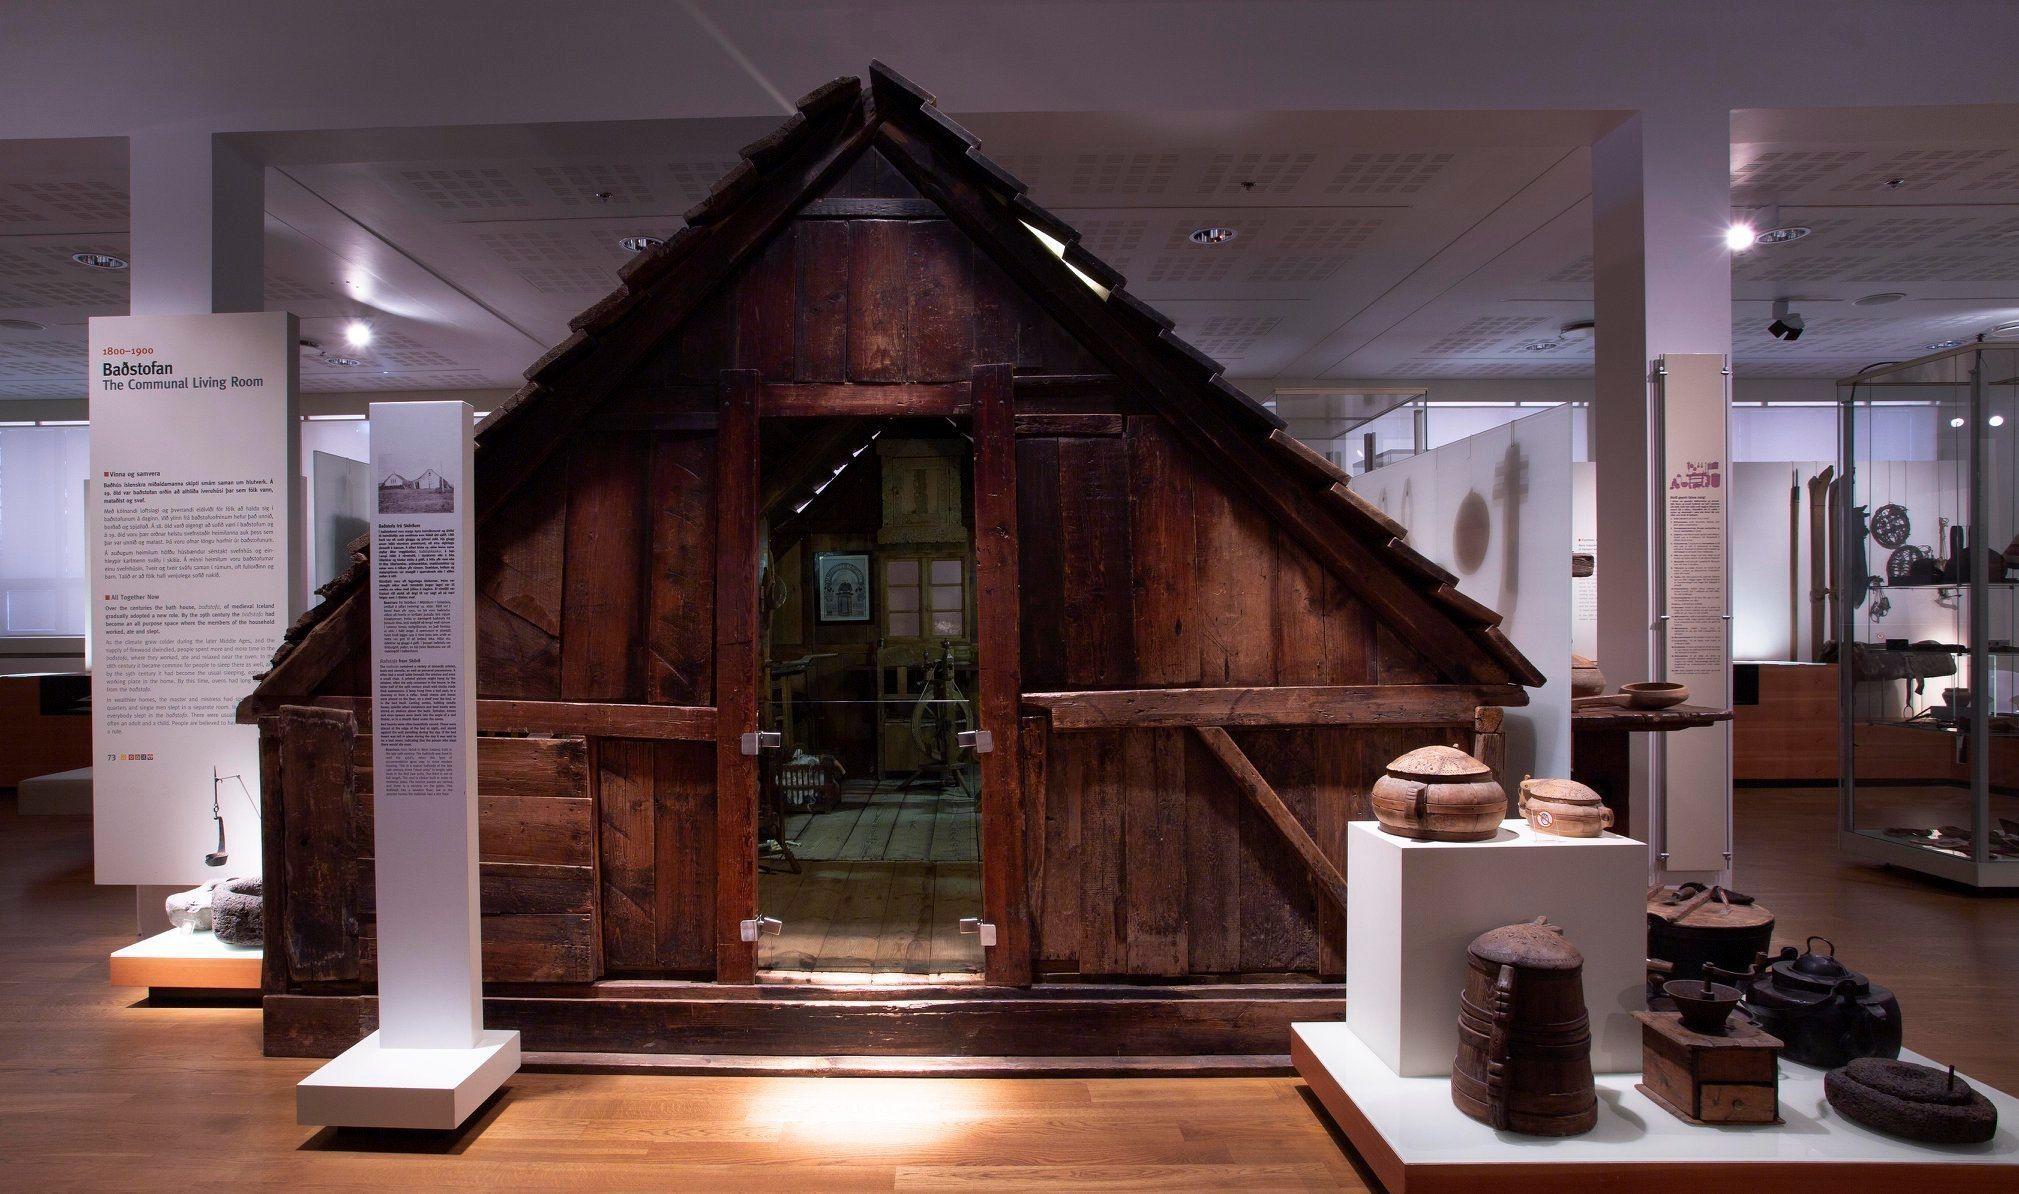 Національний музей Ісландії, Рейк'явік